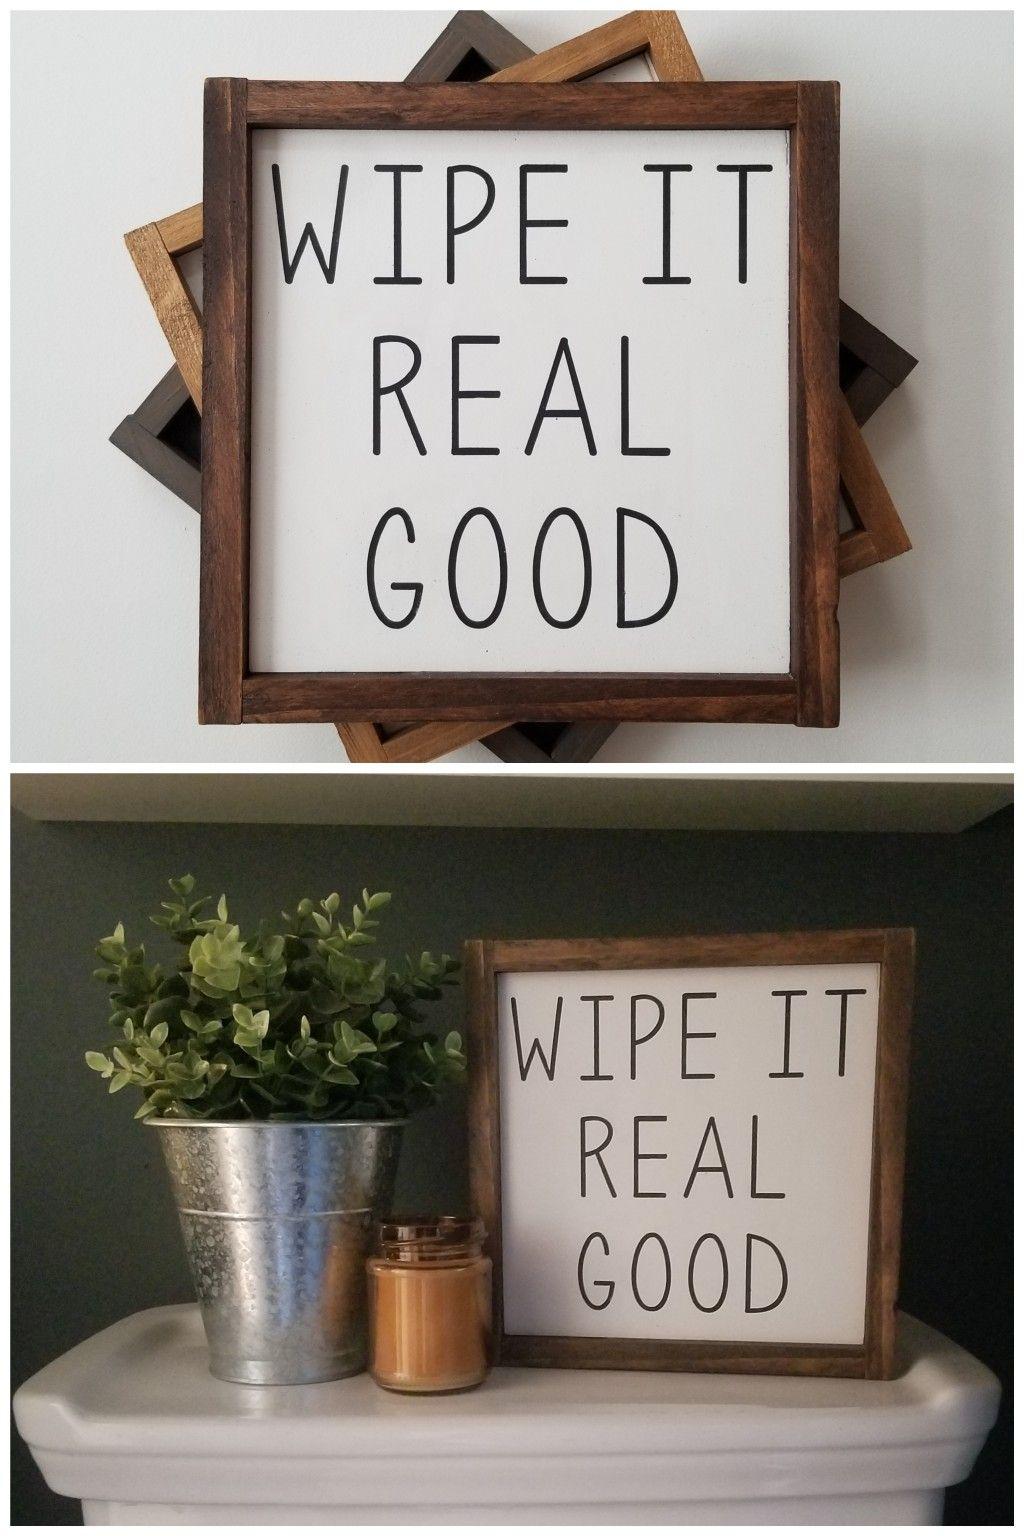 wipe it real good bathroom sign bathroom wall decor on bathroom wall decor id=96521